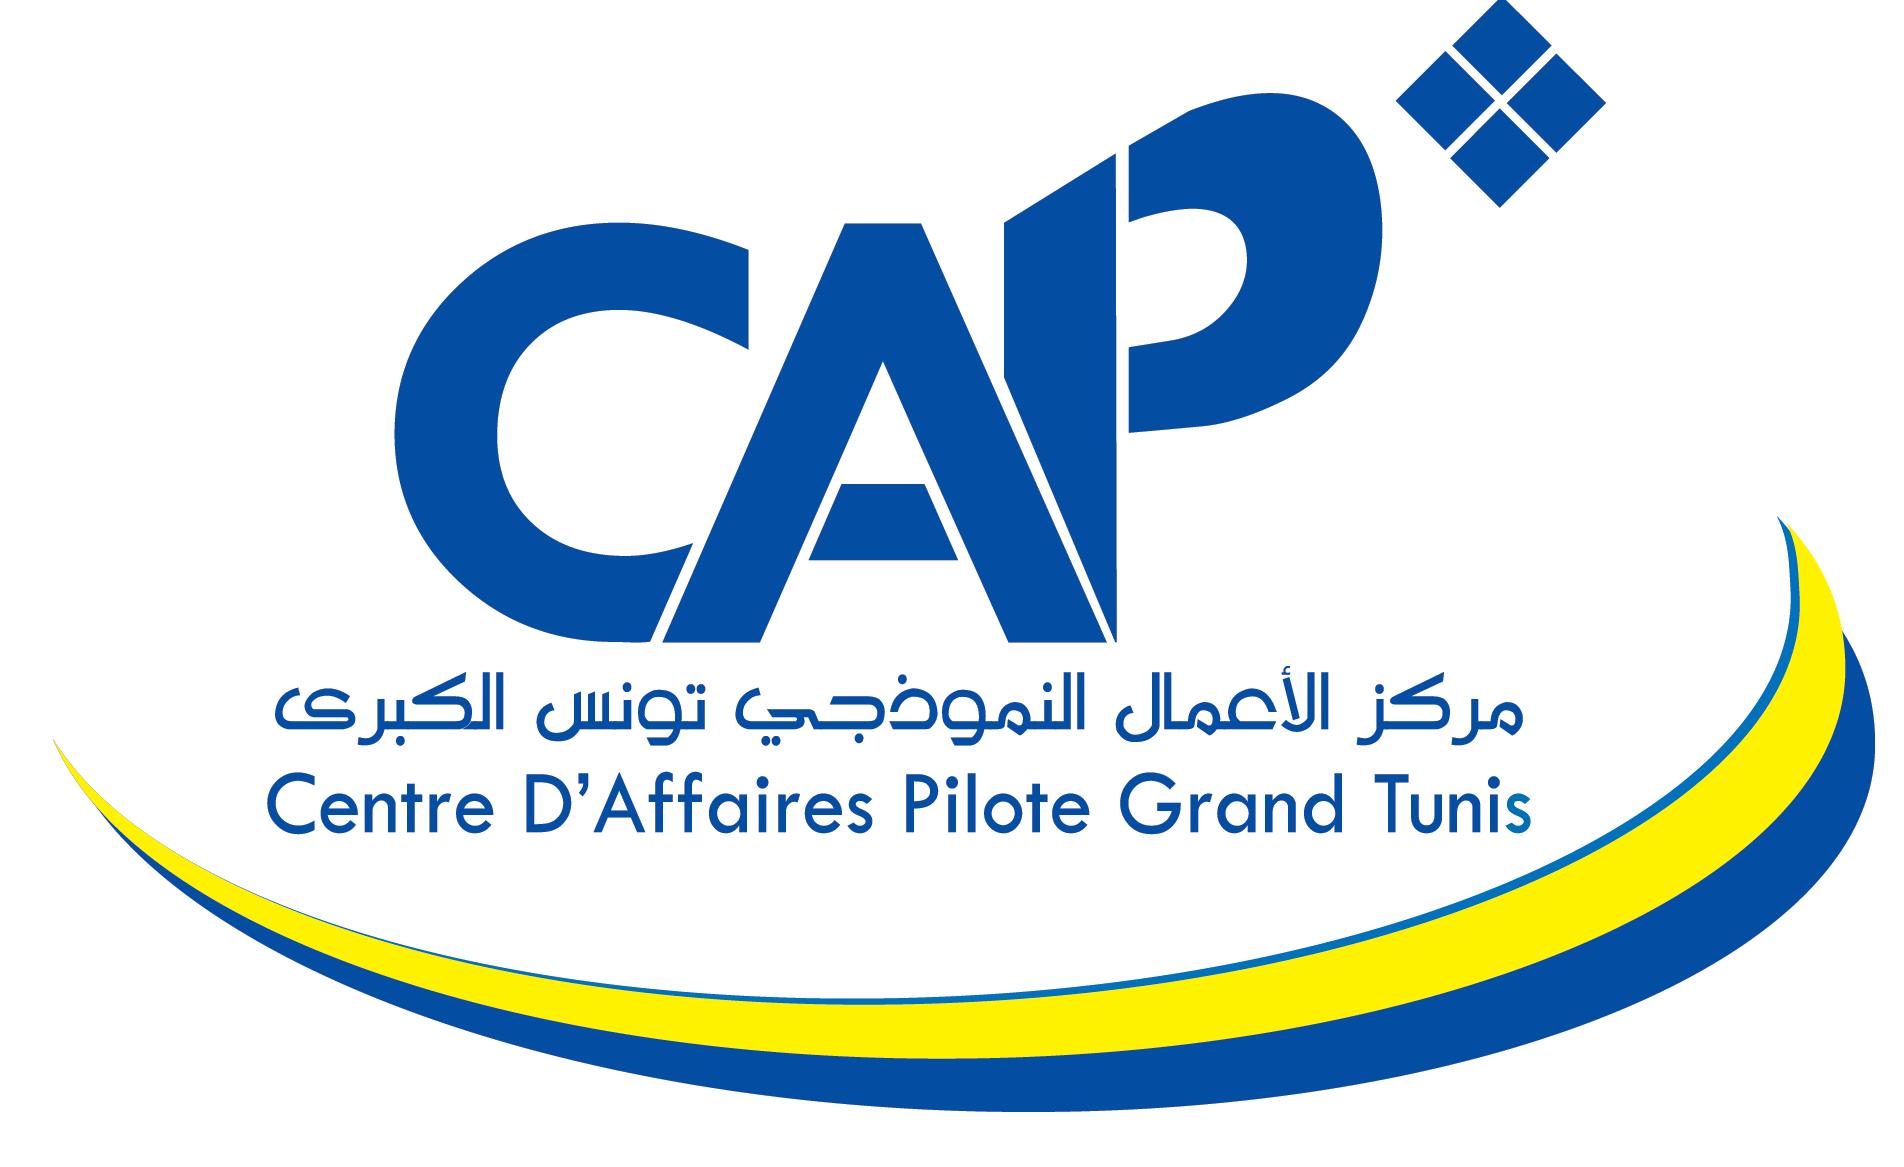 Centre d'Affaires Pilote du Grand Tunis